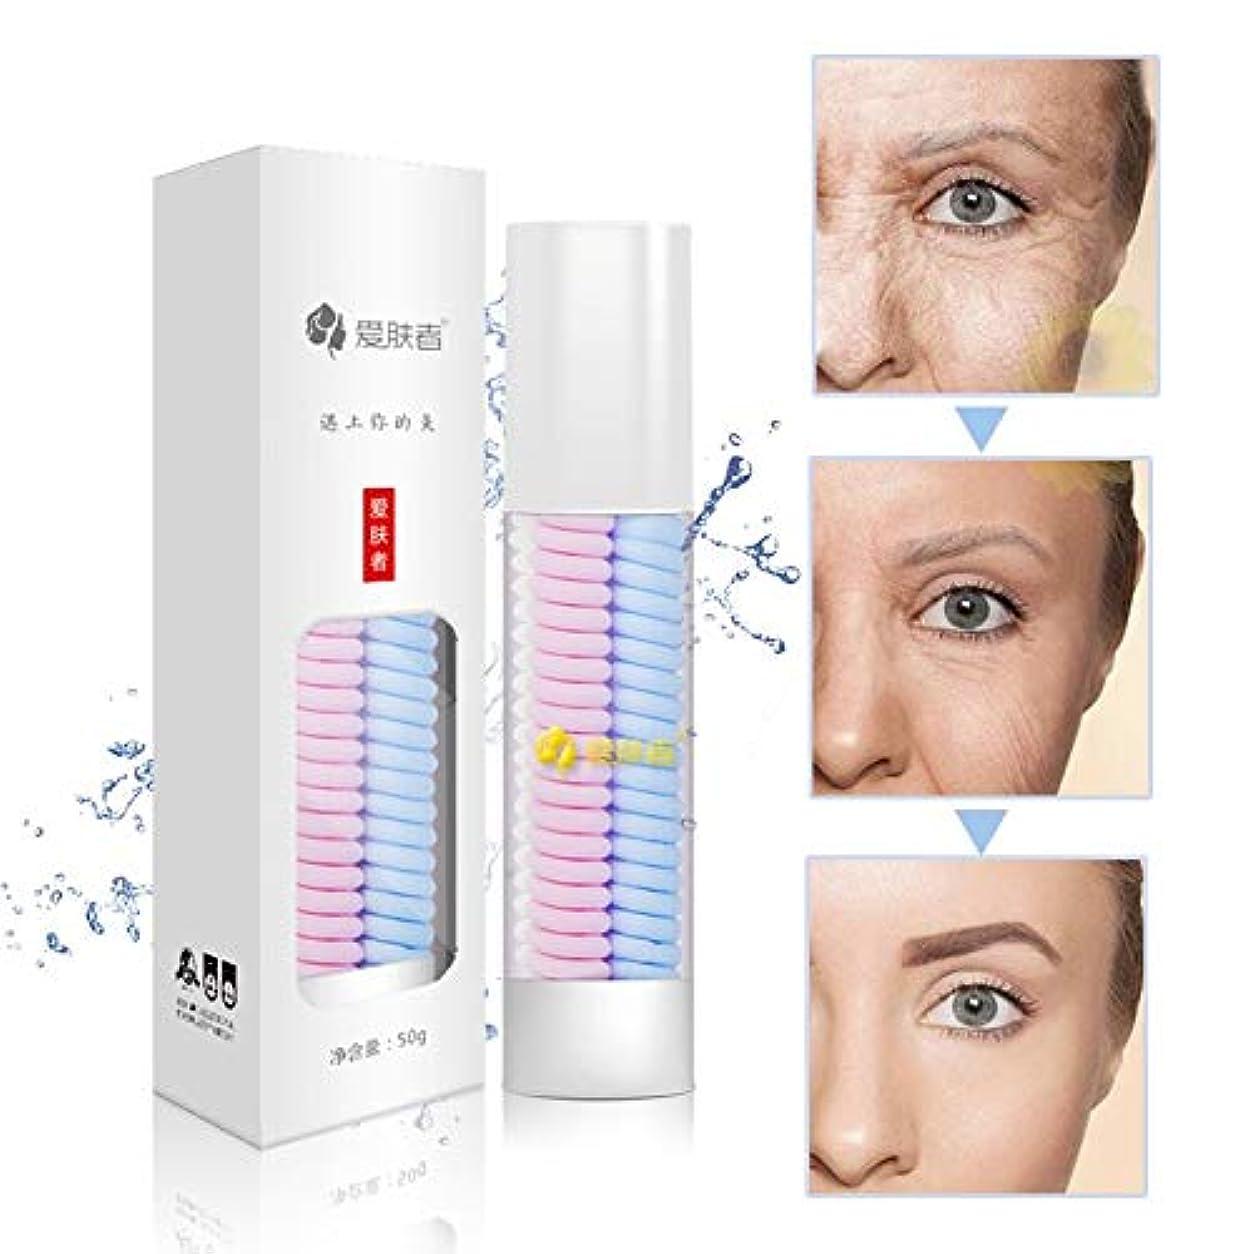 飢罰しなければならない保湿顔寧クリームの電子抗しわ年齢ケアのRIR cremasはhidratante顔面edad抗faciales